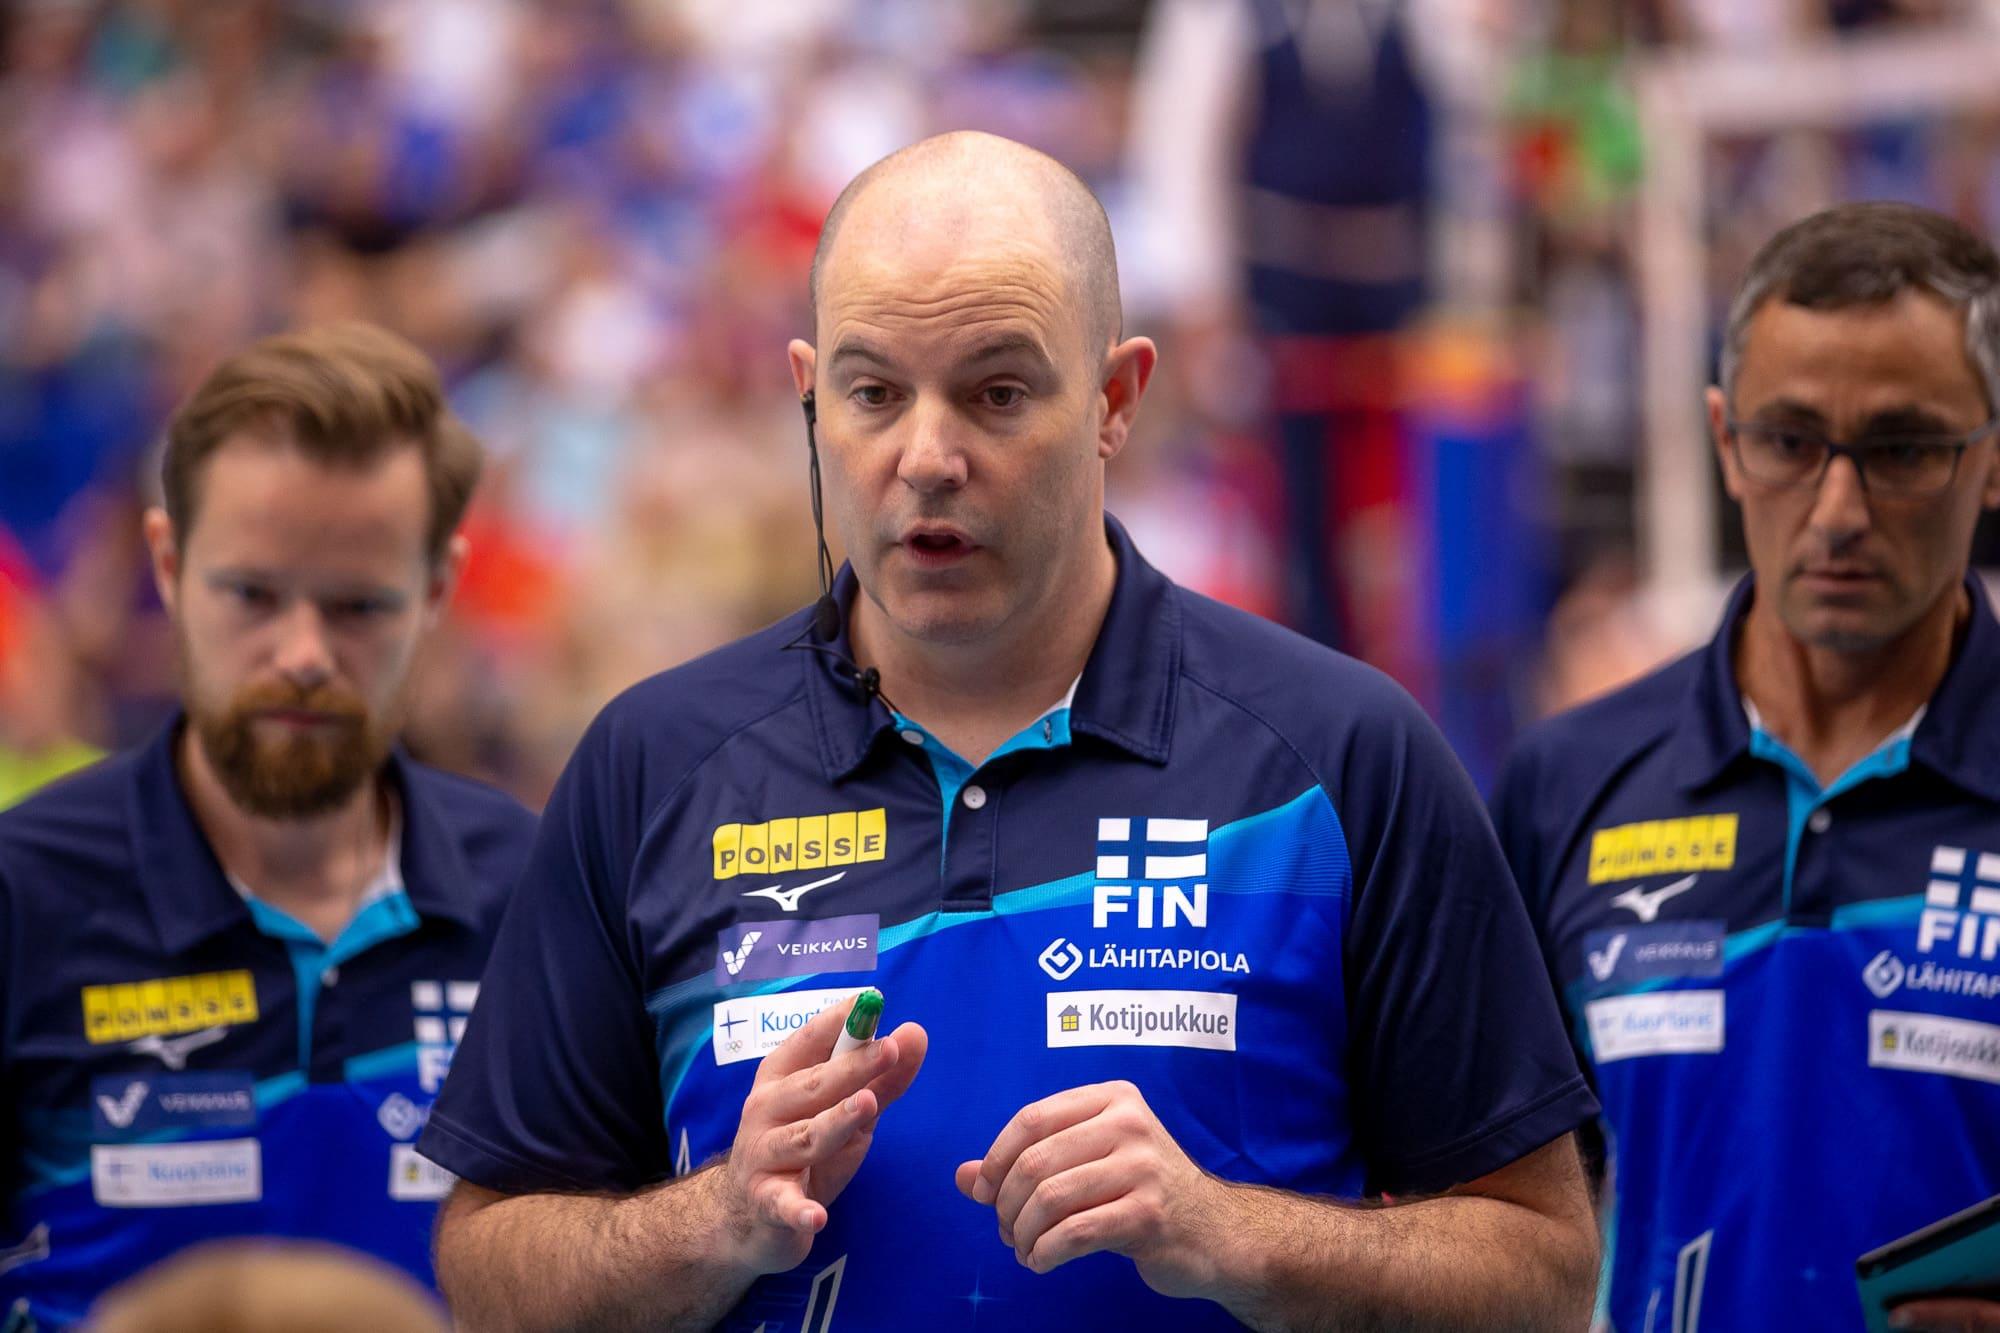 Joel Banks valmennustiimeineen haluaa keskittyä olympiakarsintaturnauksessa ja sitä ennen enimmäkseen vain oman joukkueensa peliin.